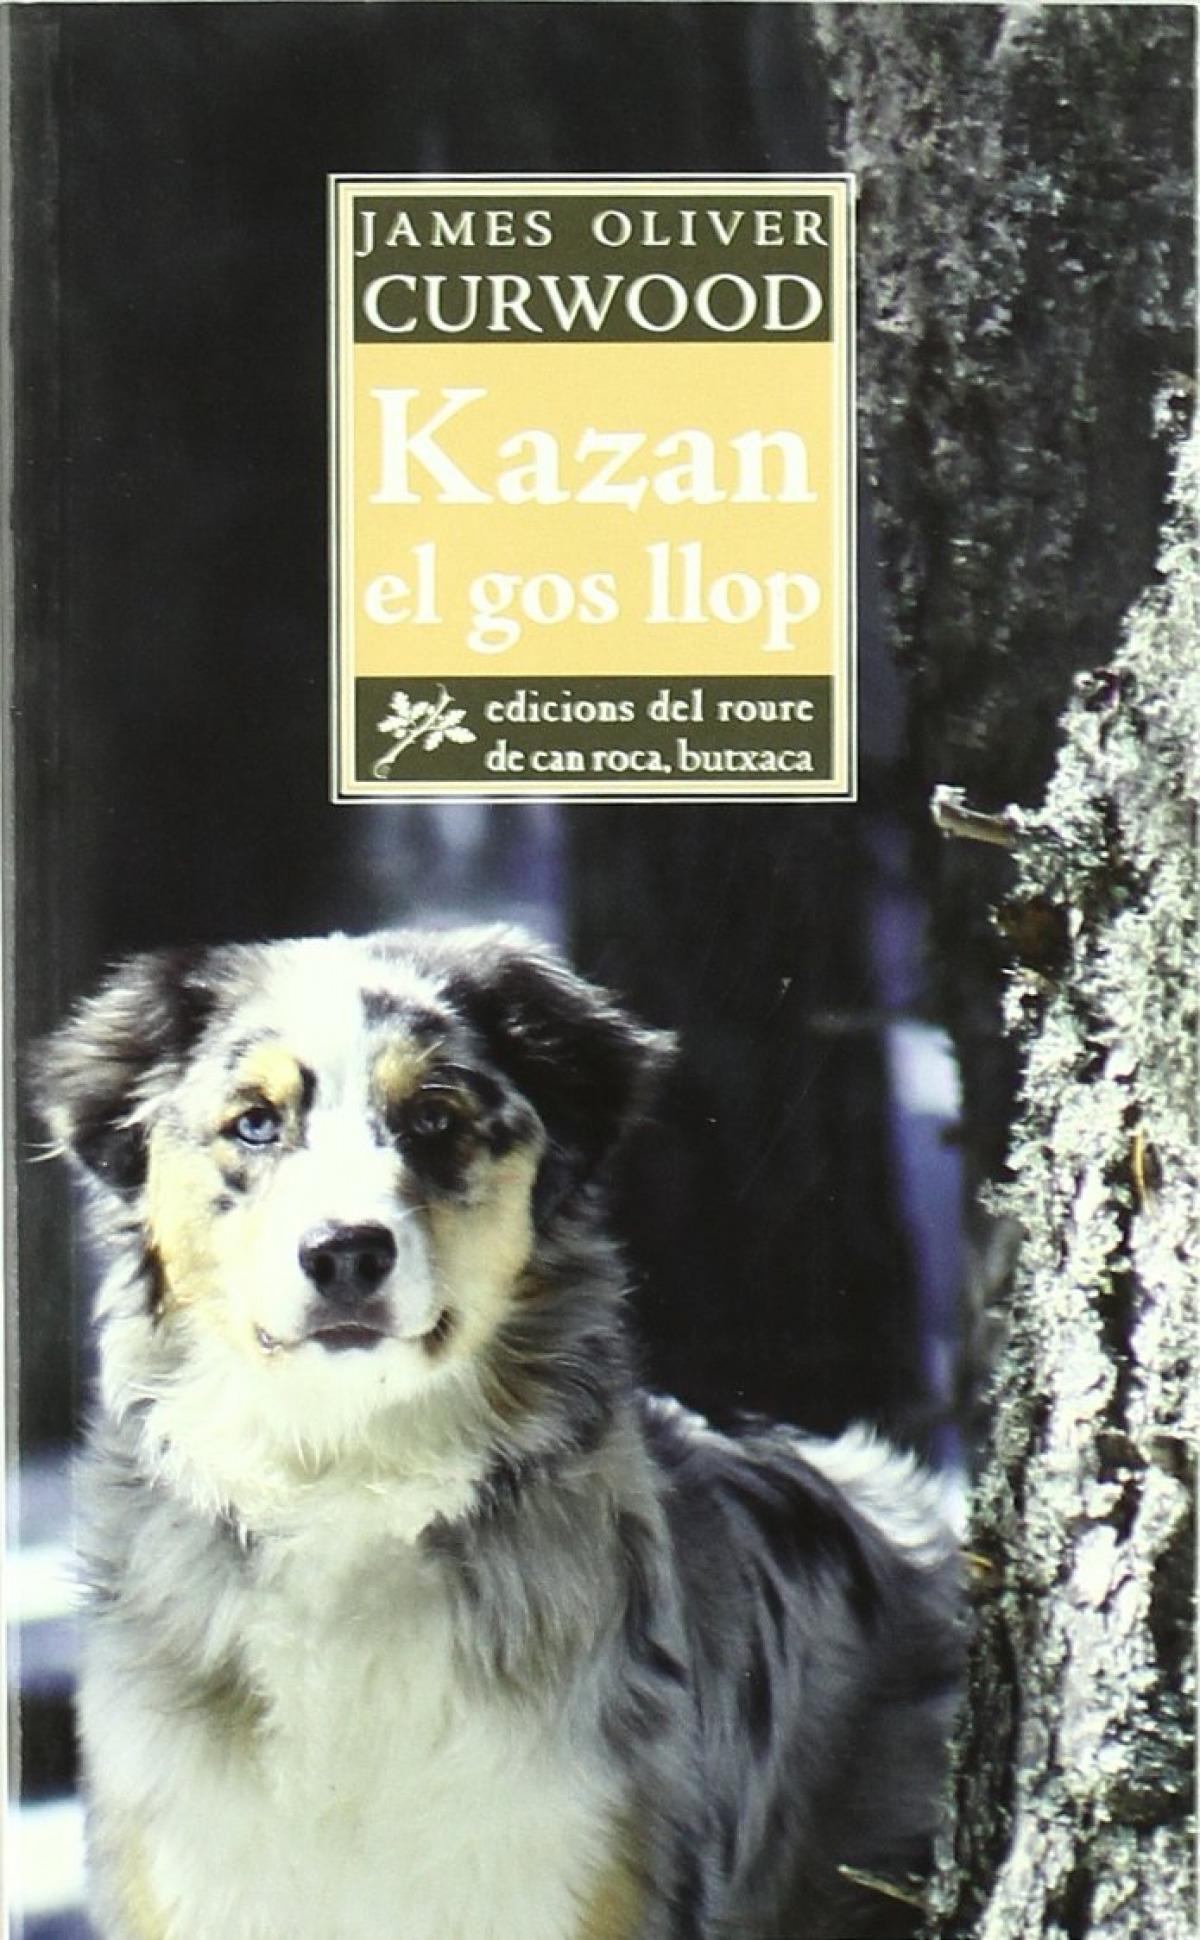 Kazan, el gos llop